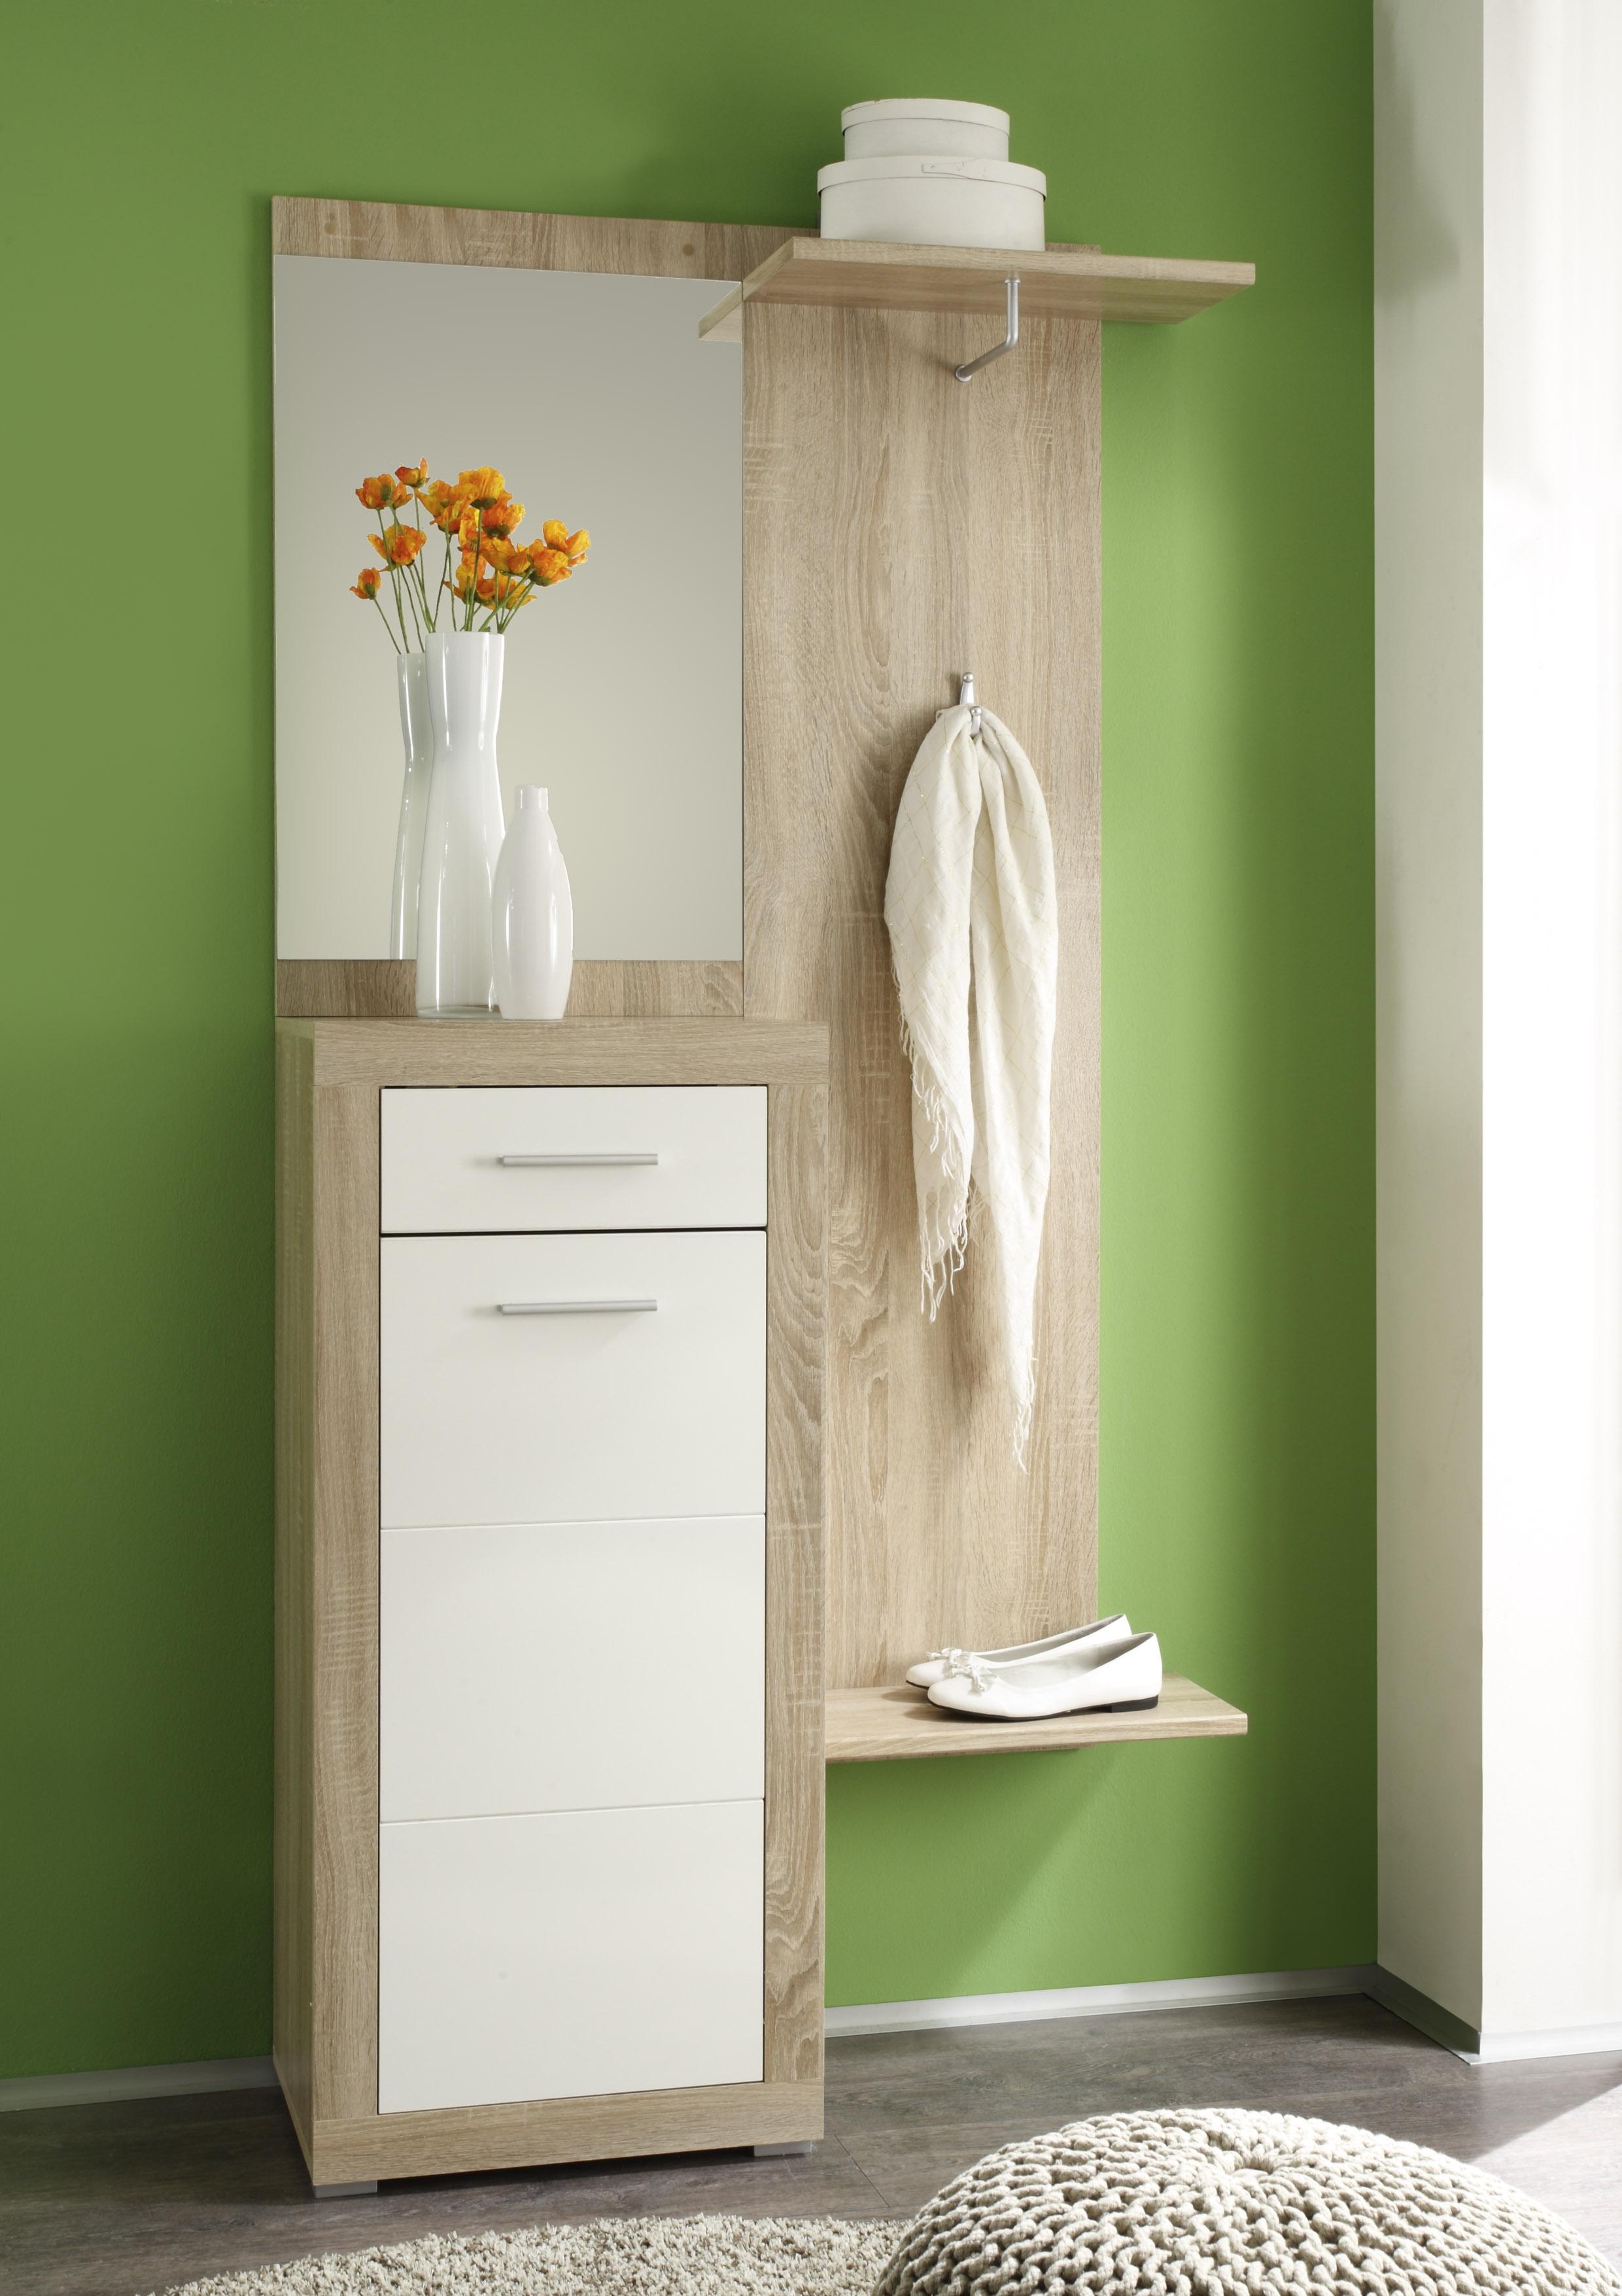 Garderobe Cancan3 3 Teilig Spiegel Paneel Kommode Eiche Sonoma